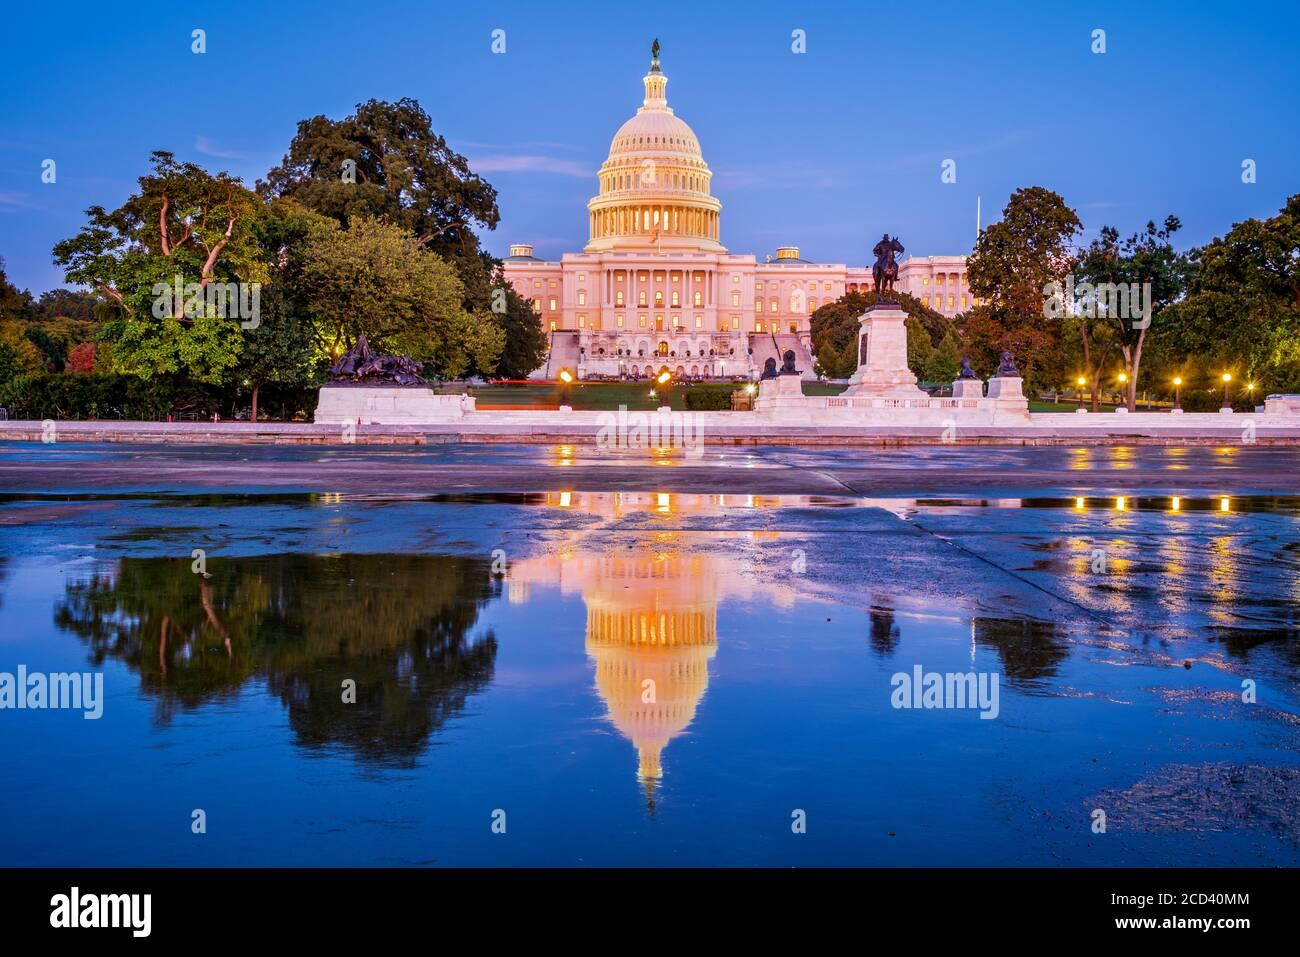 Washington DC, États-Unis - le bâtiment du Capitole des États-Unis au crépuscule. Banque D'Images